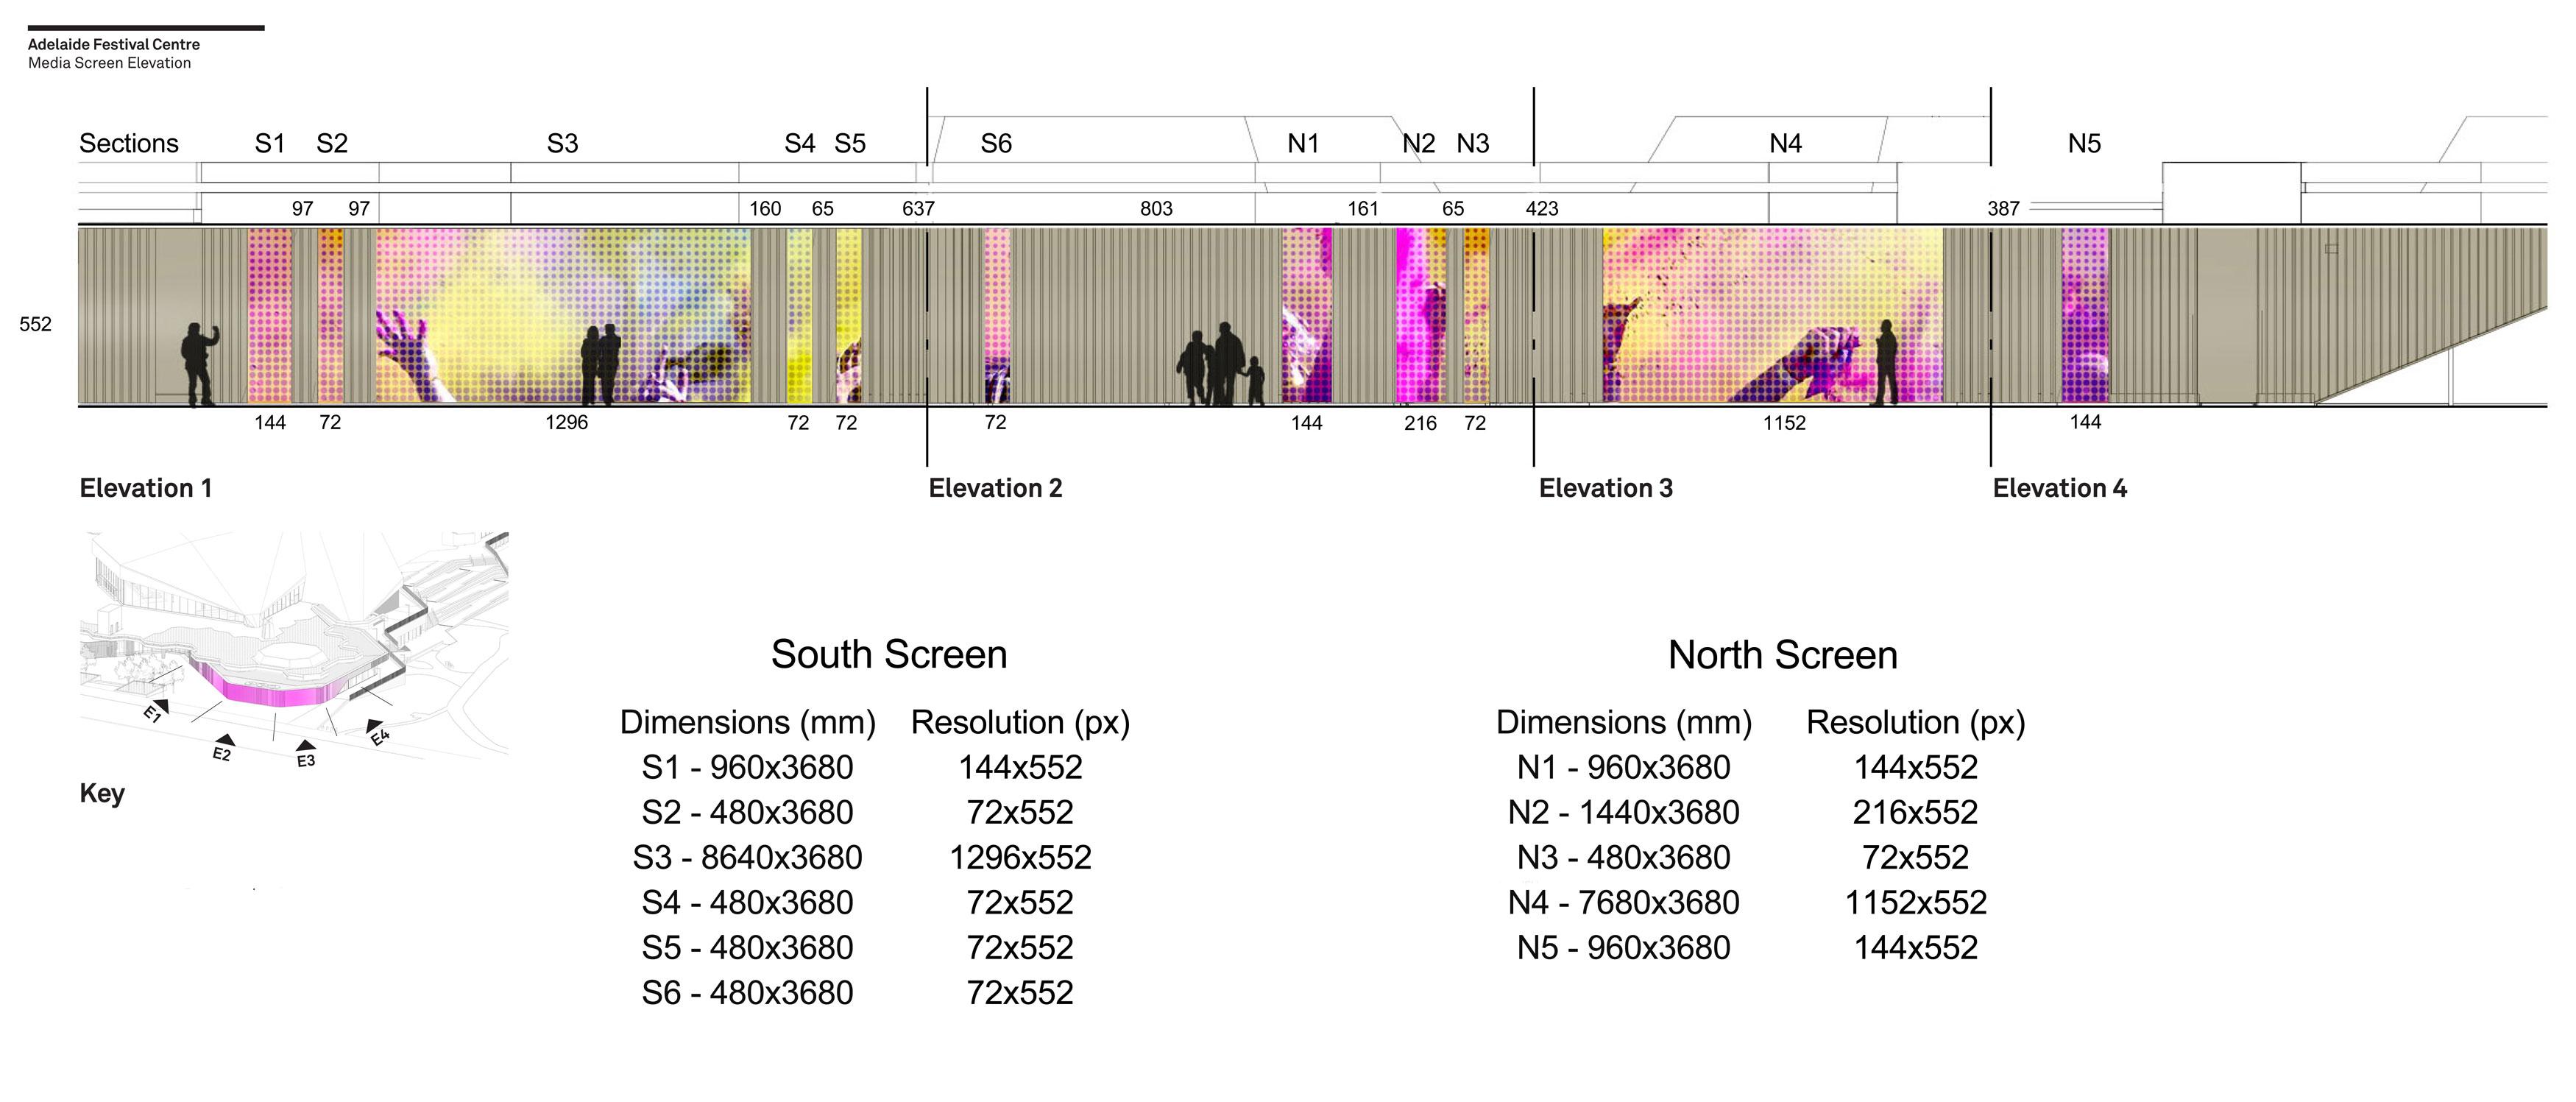 Media Screen pixels & resolution